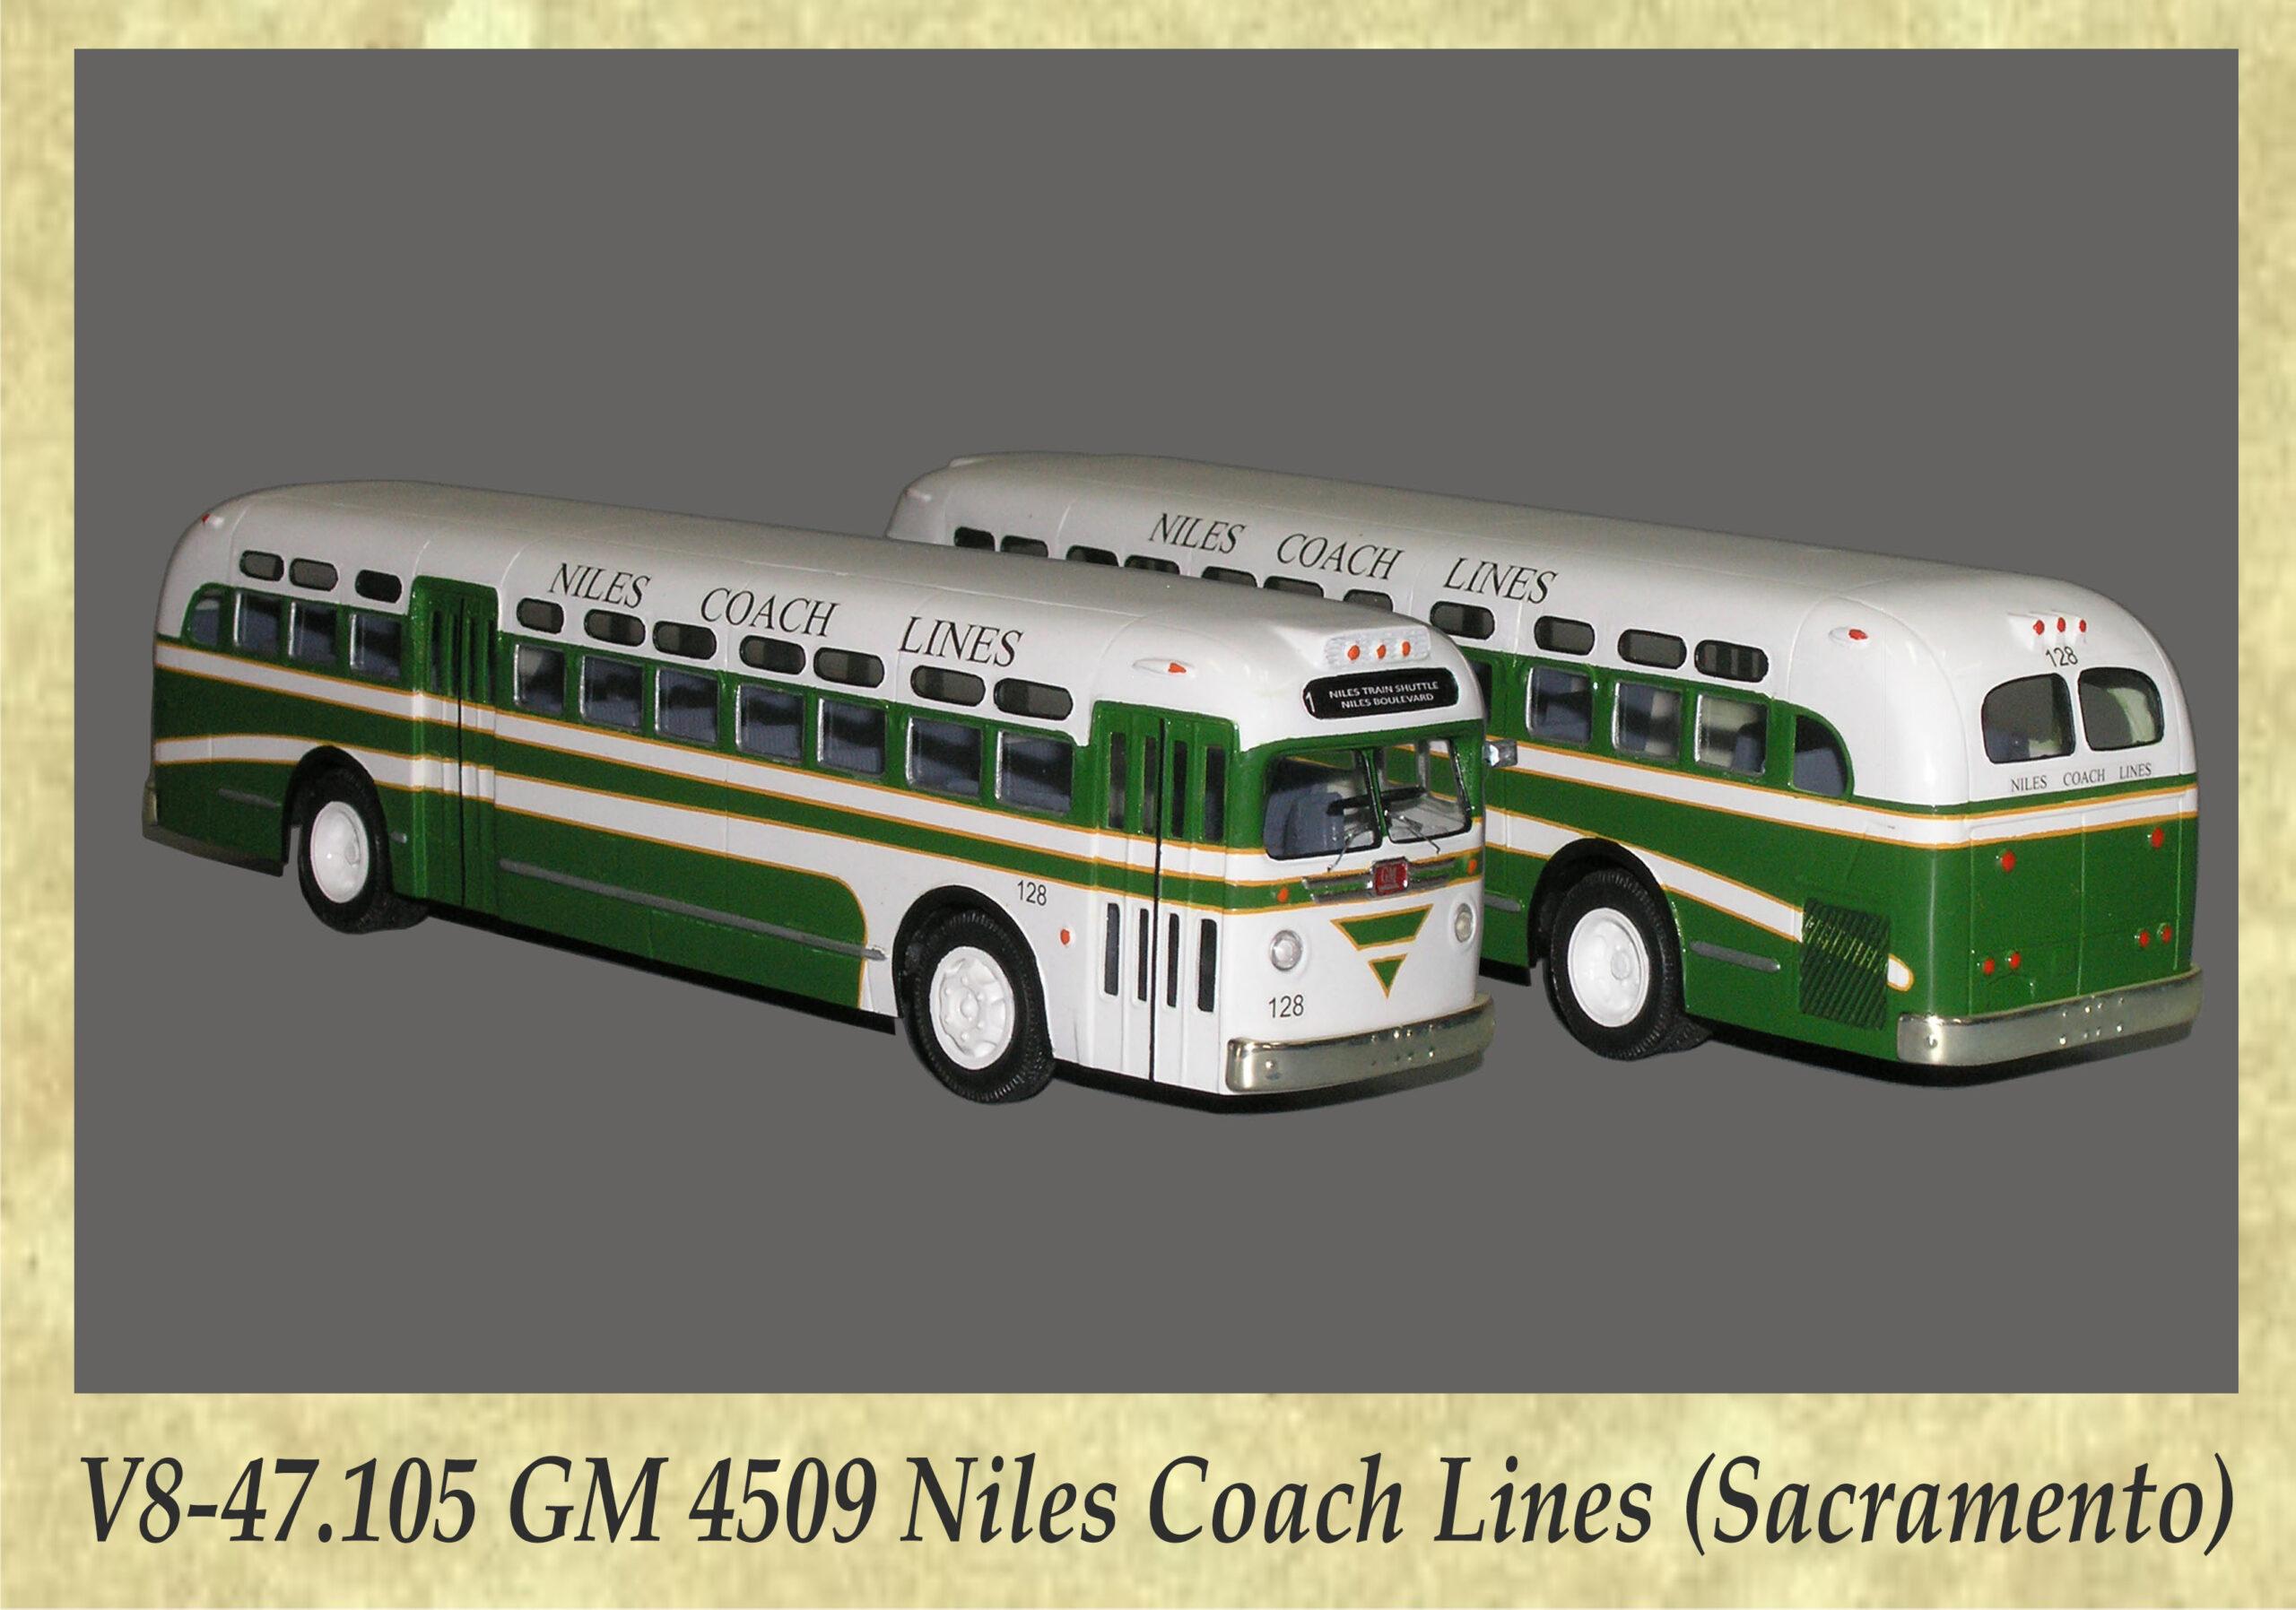 V8-47.105 GM 4509 Niles Coach Lines (Sacramento)